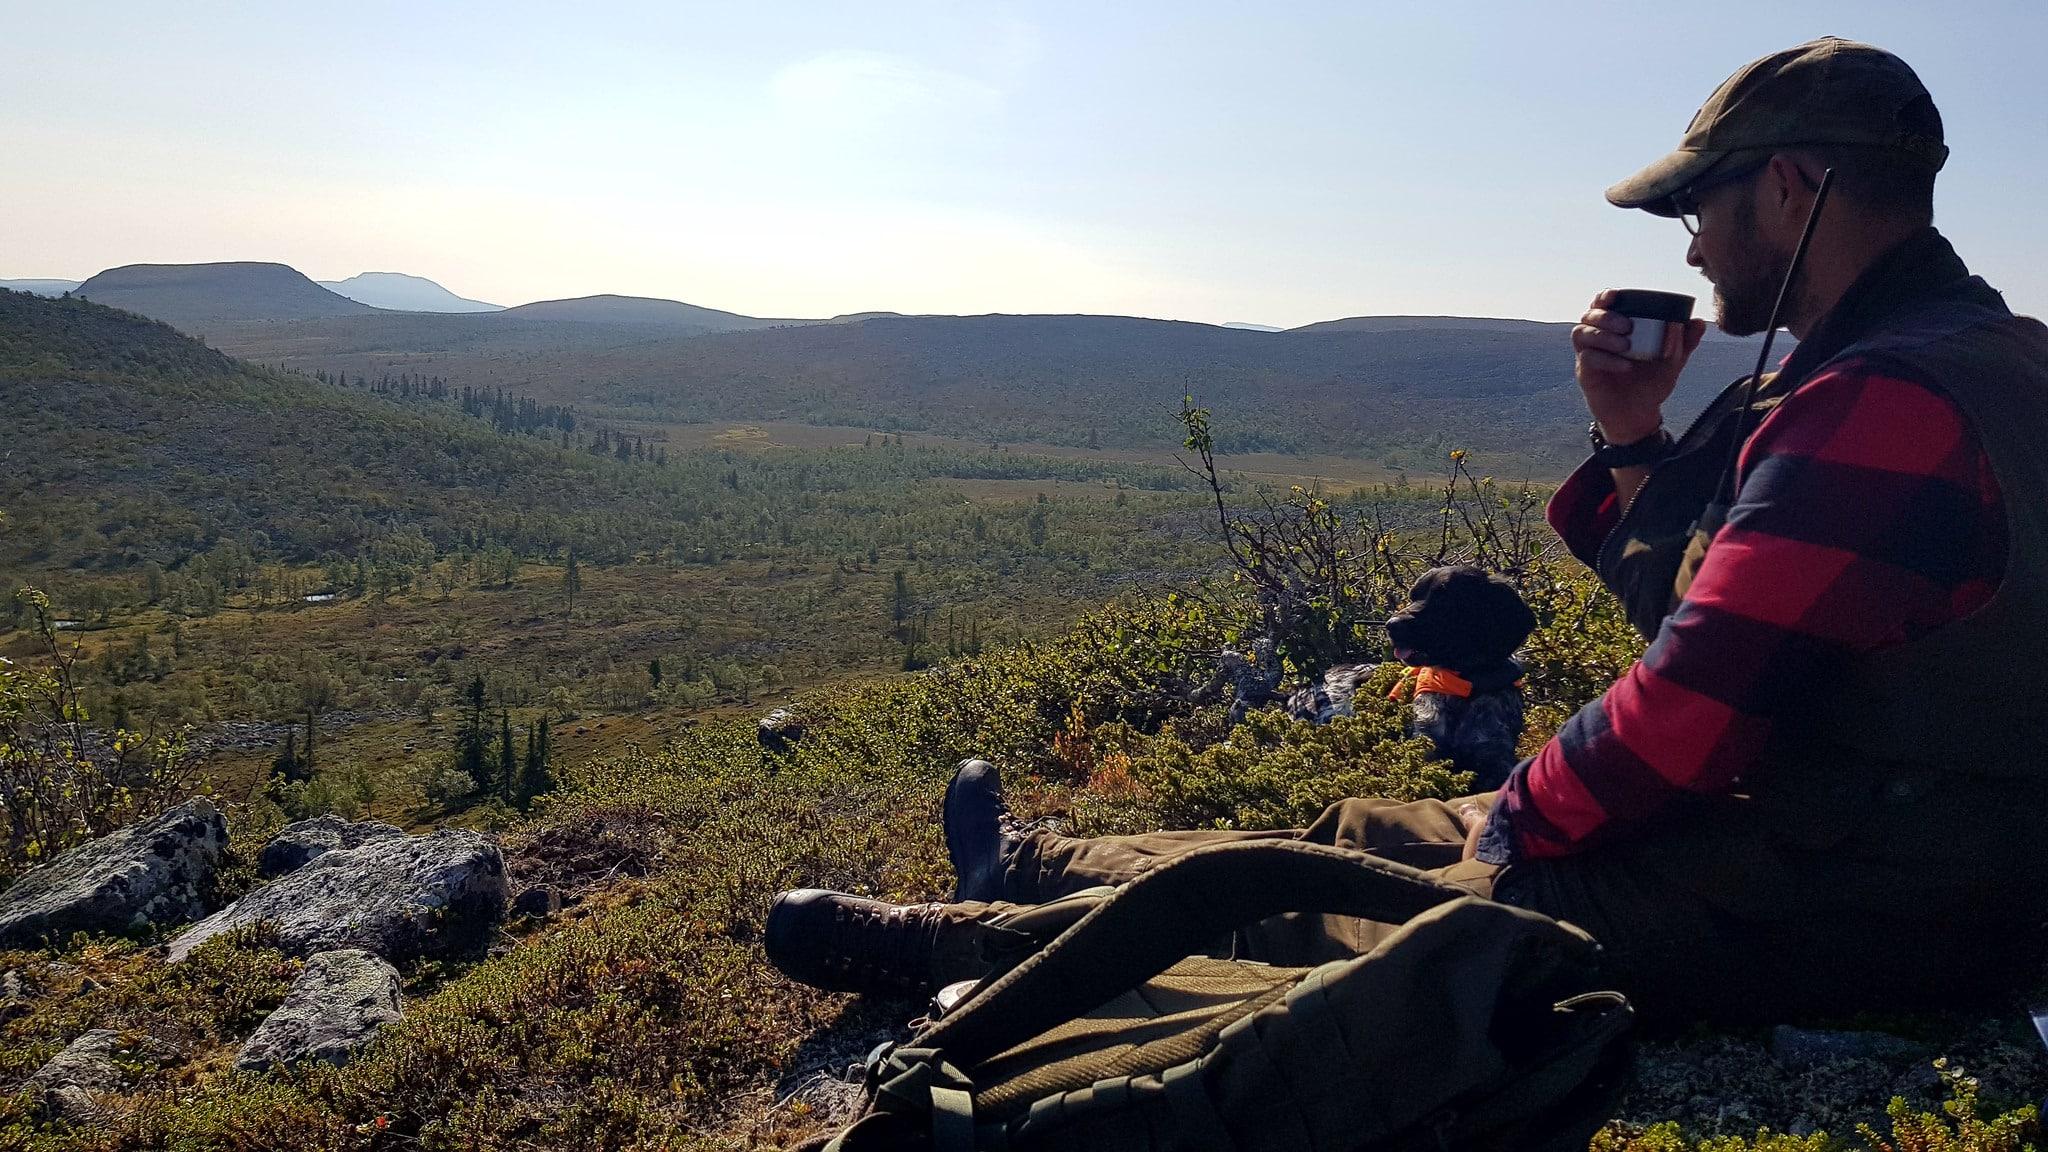 Länsstyrelsen Jämtlands beslut att flytta ripjägare får lokala jägare att reagera.